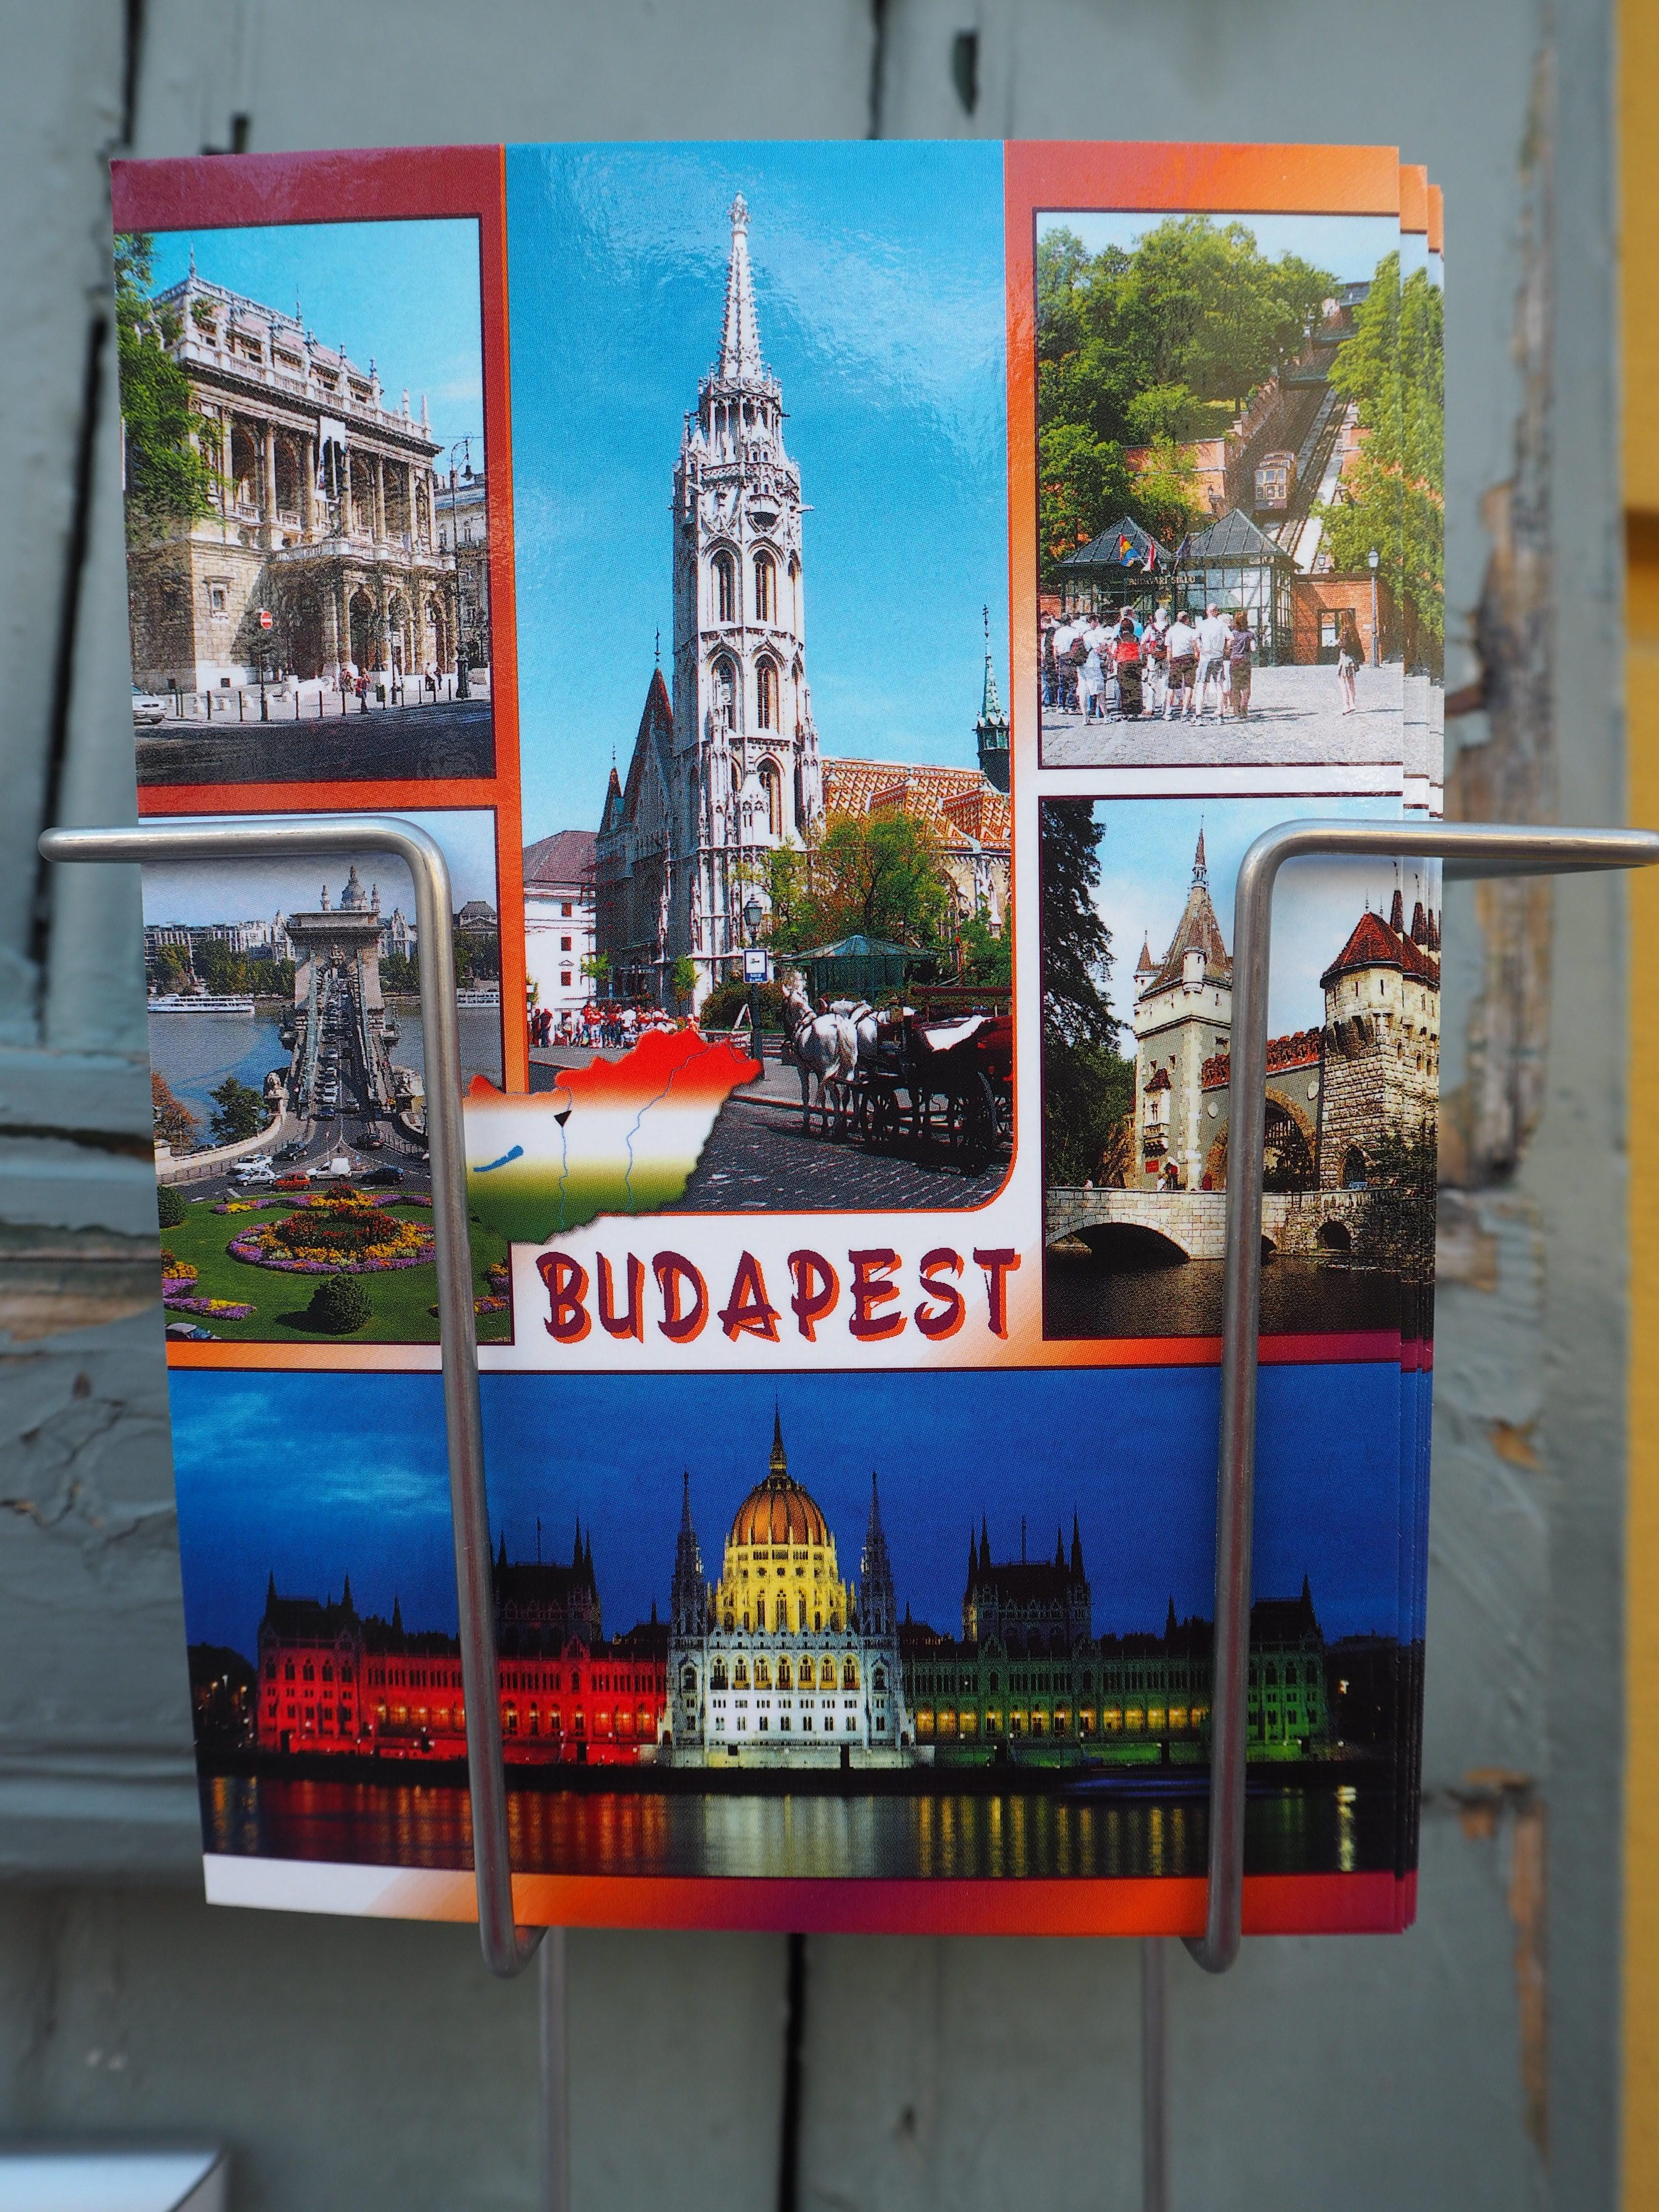 Budapeszt e1532956036931